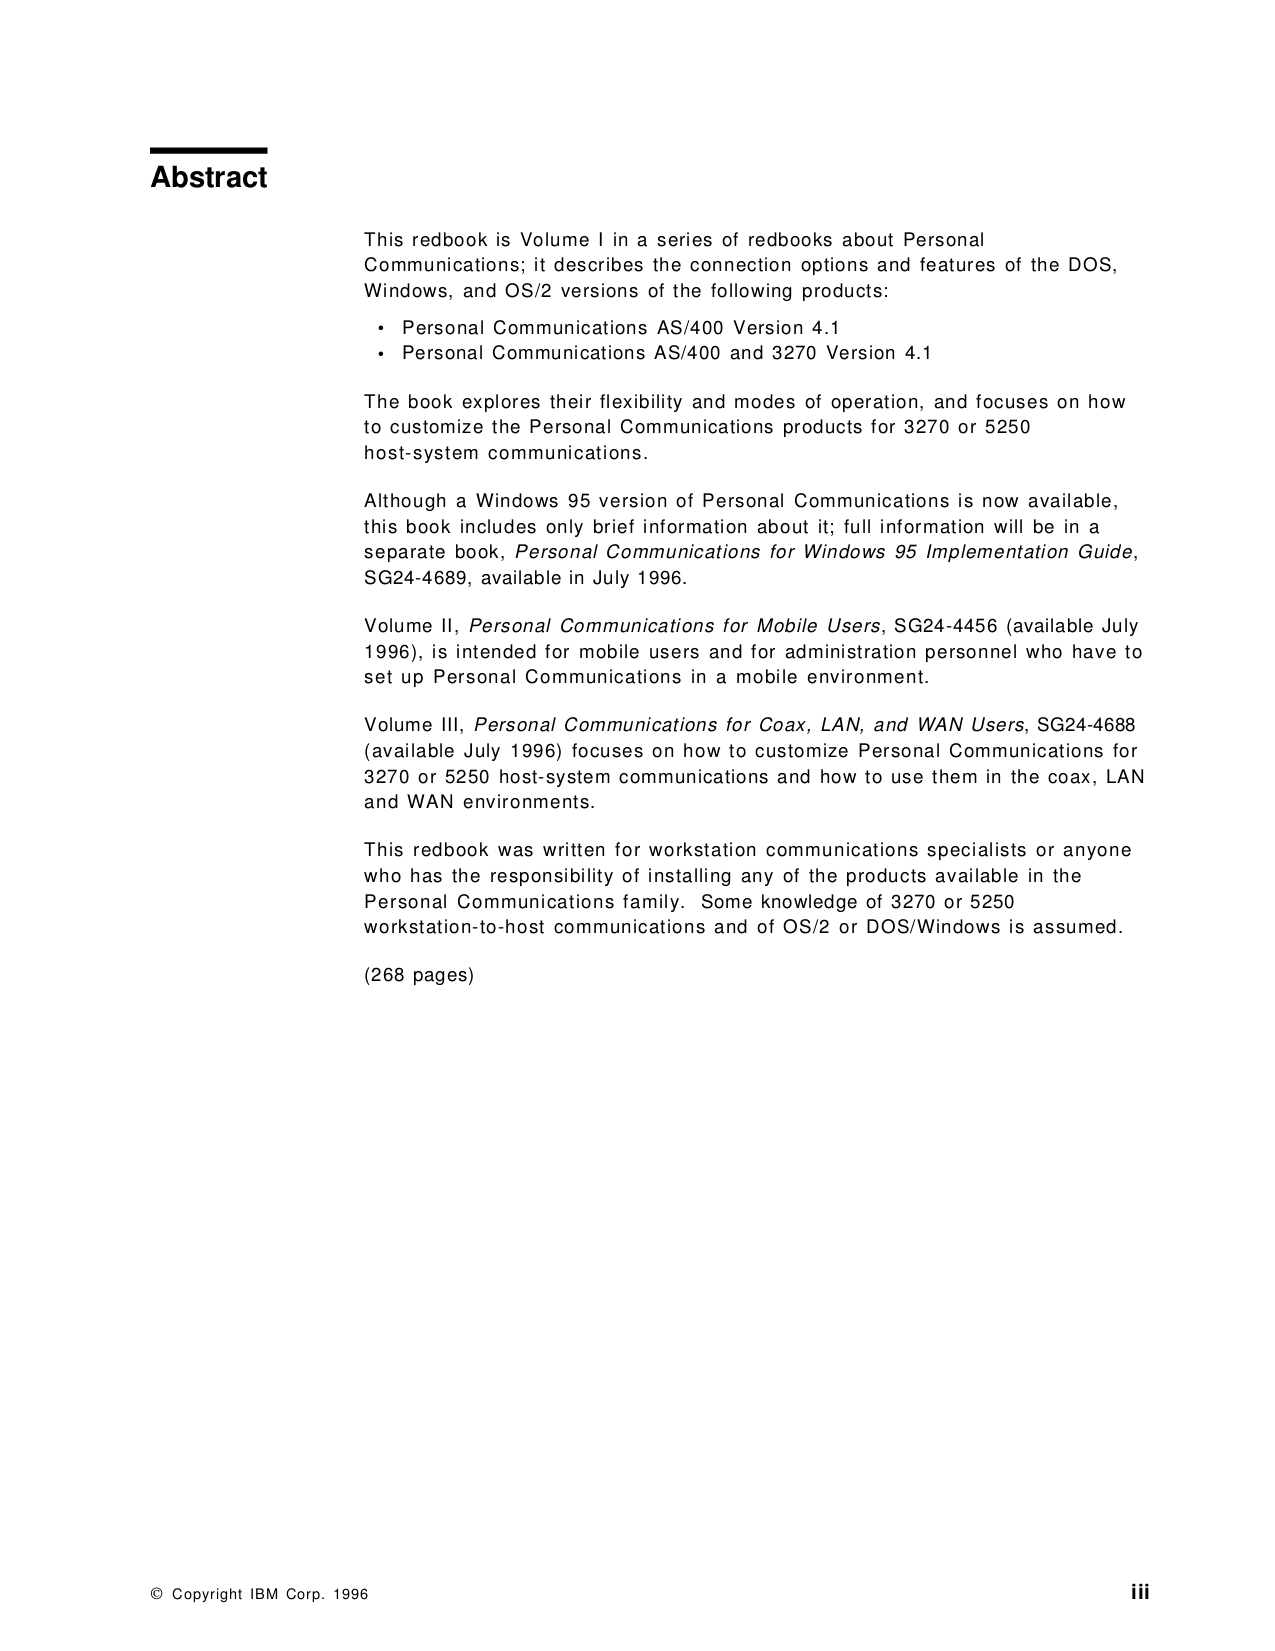 PDF manual for IBM Laptop ThinkPad 570E